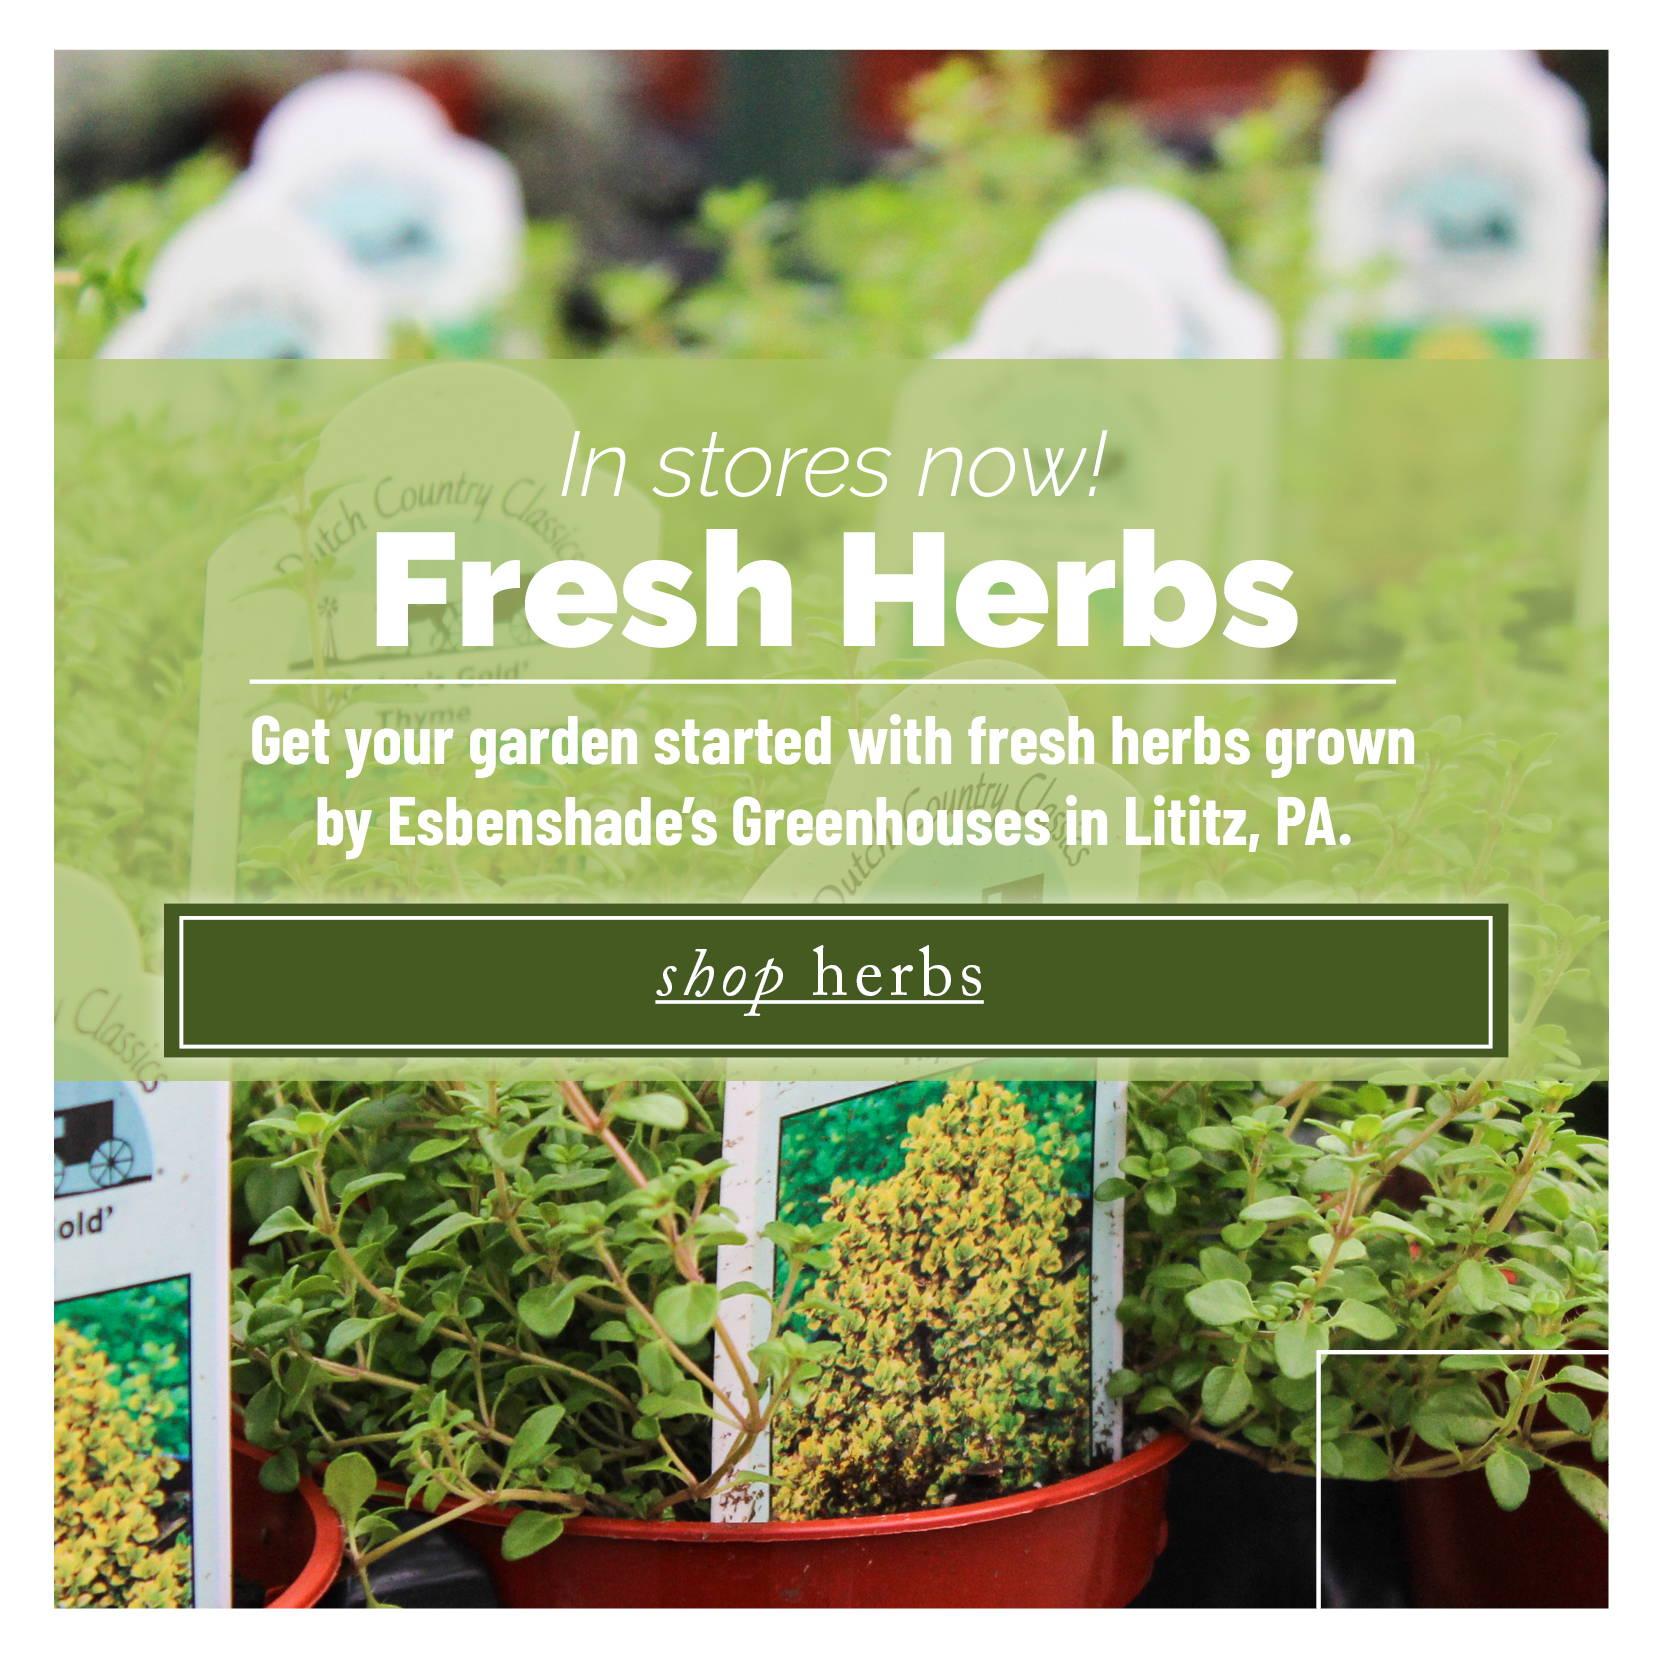 Shop Herbs